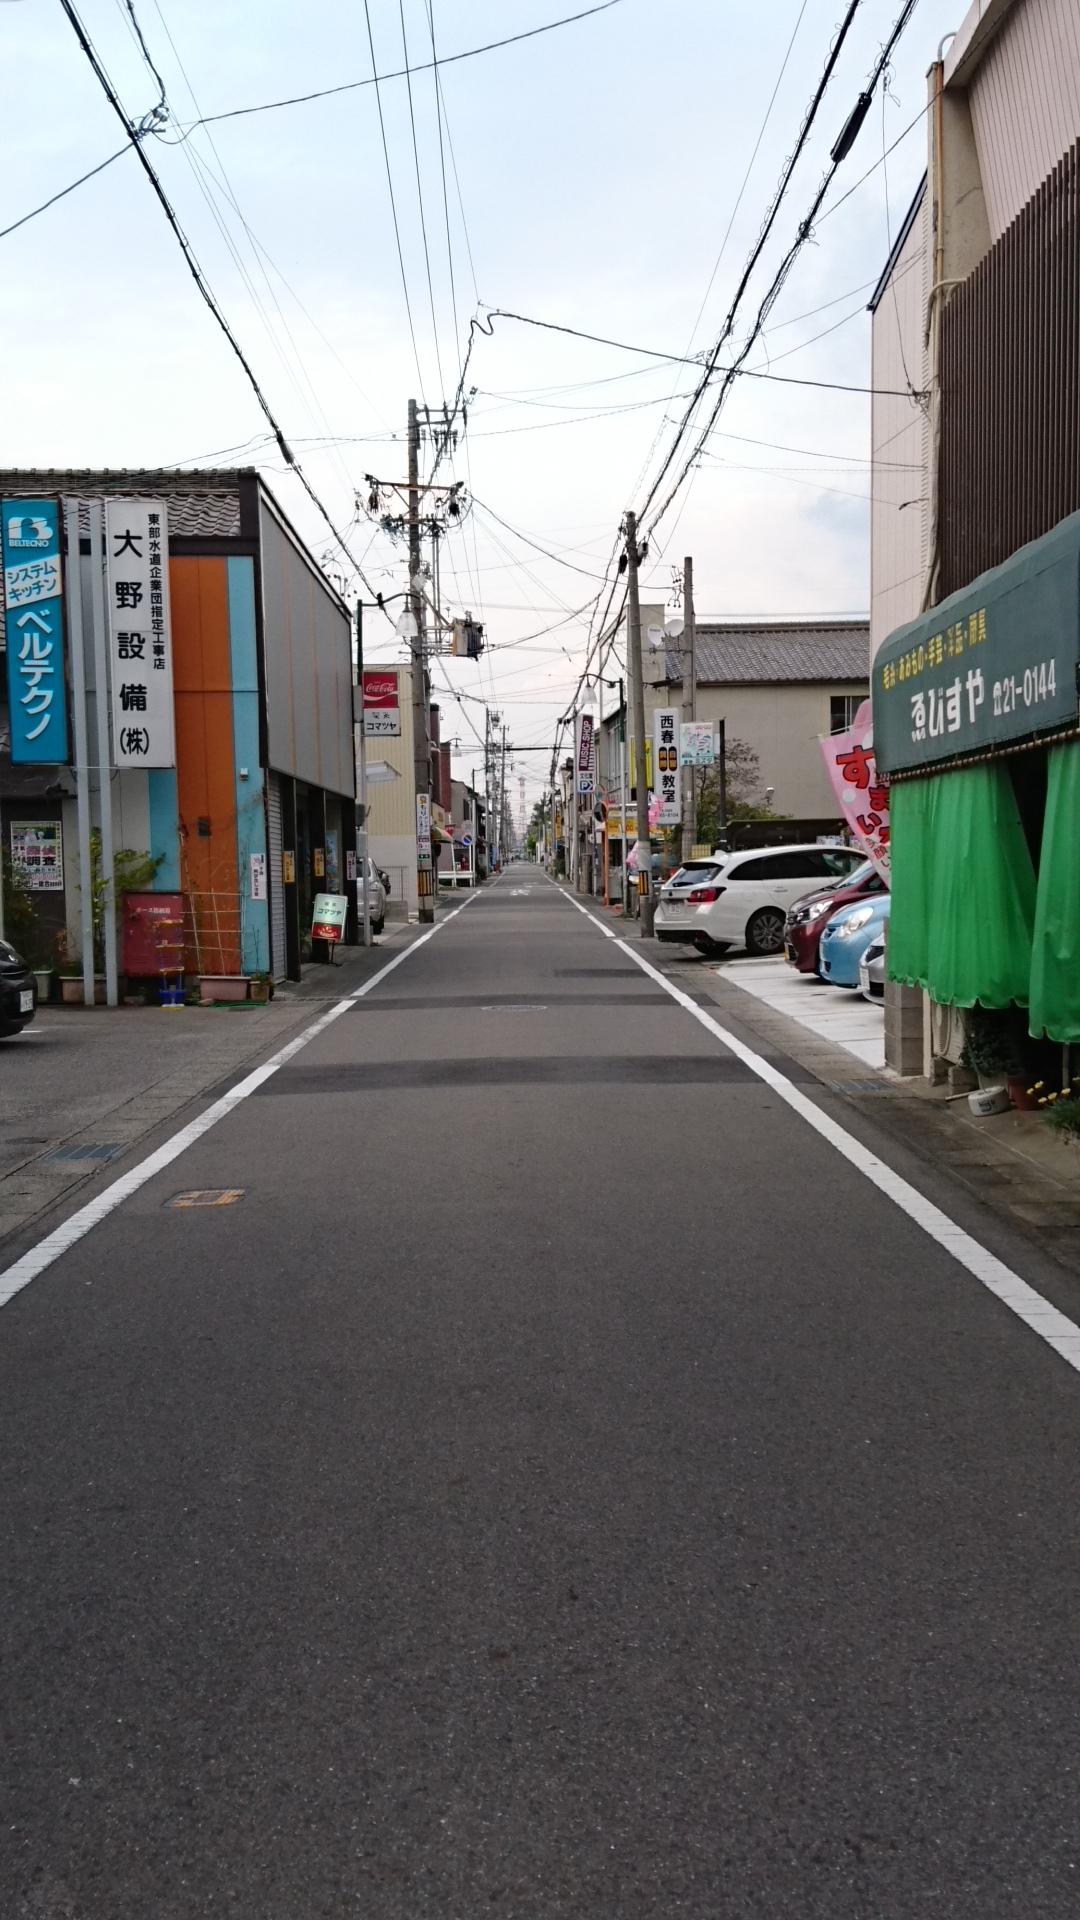 2016.10.19 西春まちあるき (11) 喫茶コマツヤのとおり 1080-1920